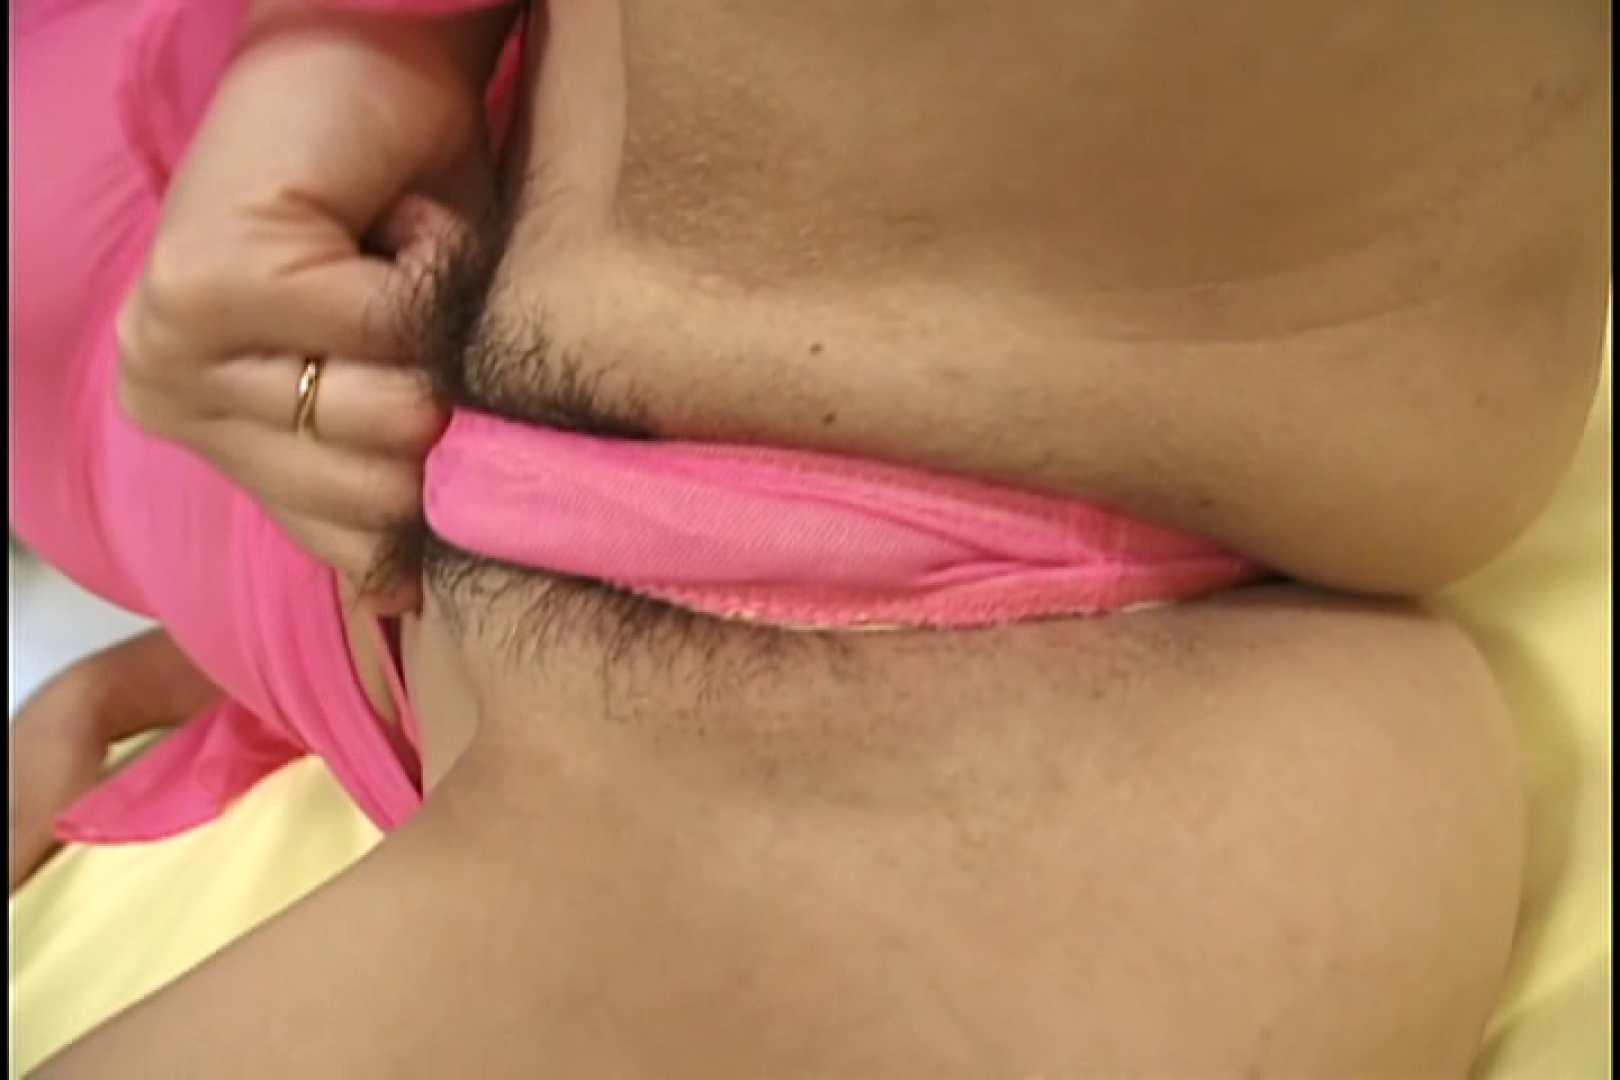 昼間の奥様は欲求不満 ~幸田みゆき~ ギャル達のSEX   人妻  110画像 55